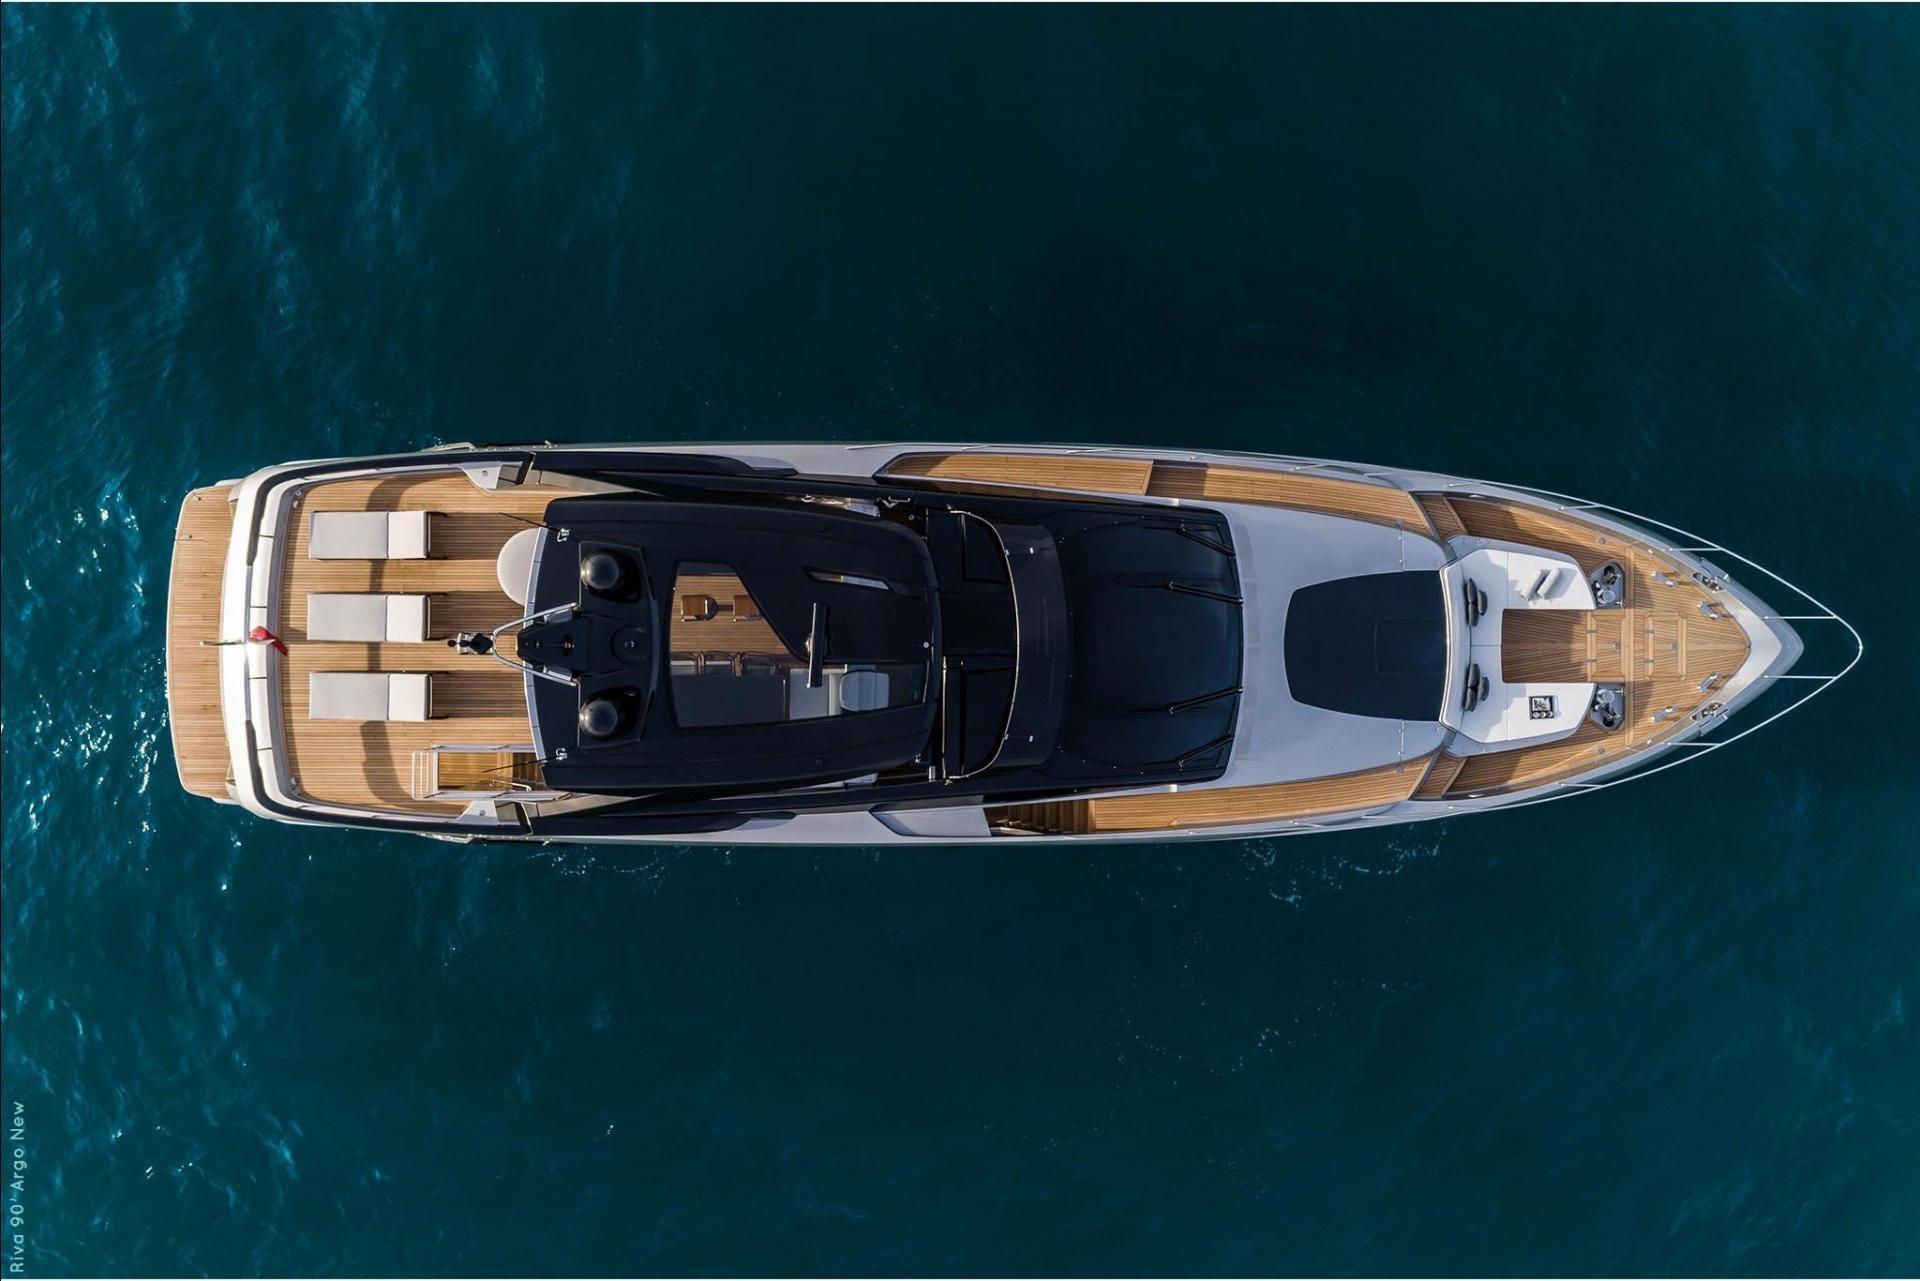 Argo NOI (Von der Heyden Yachting based in Malta, the Balearics and Sardinia)